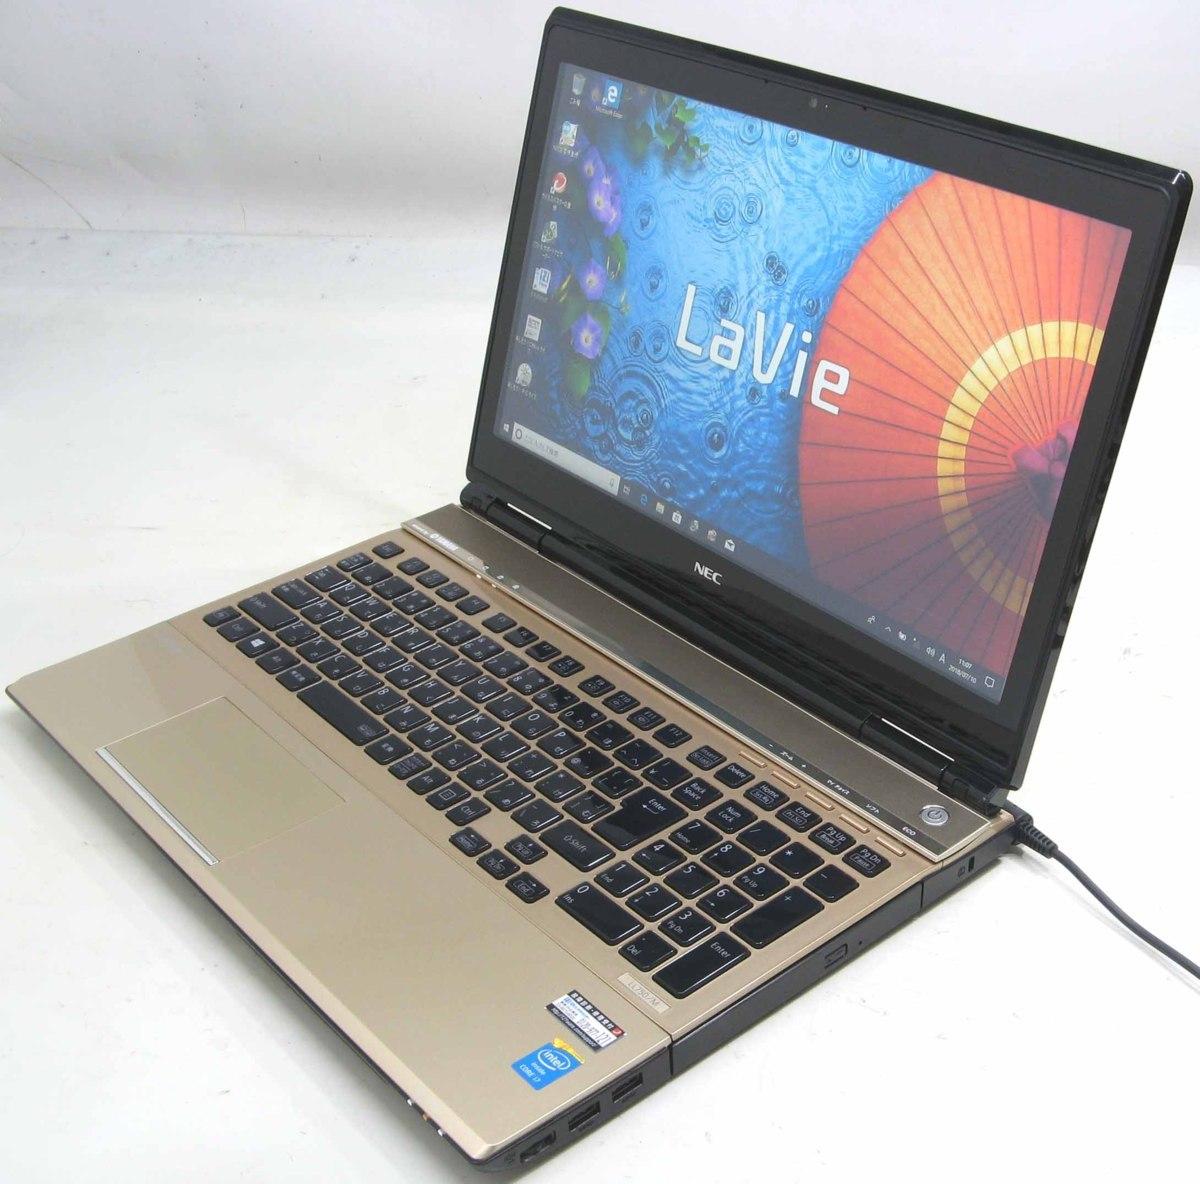 中古ノートパソコン NEC LaVie PC-LL750MSG(NEC Windows10 Corei7 HDMI出力端子 ブルーレイディスクドライブ)【中古】【中古パソコン/中古PC】